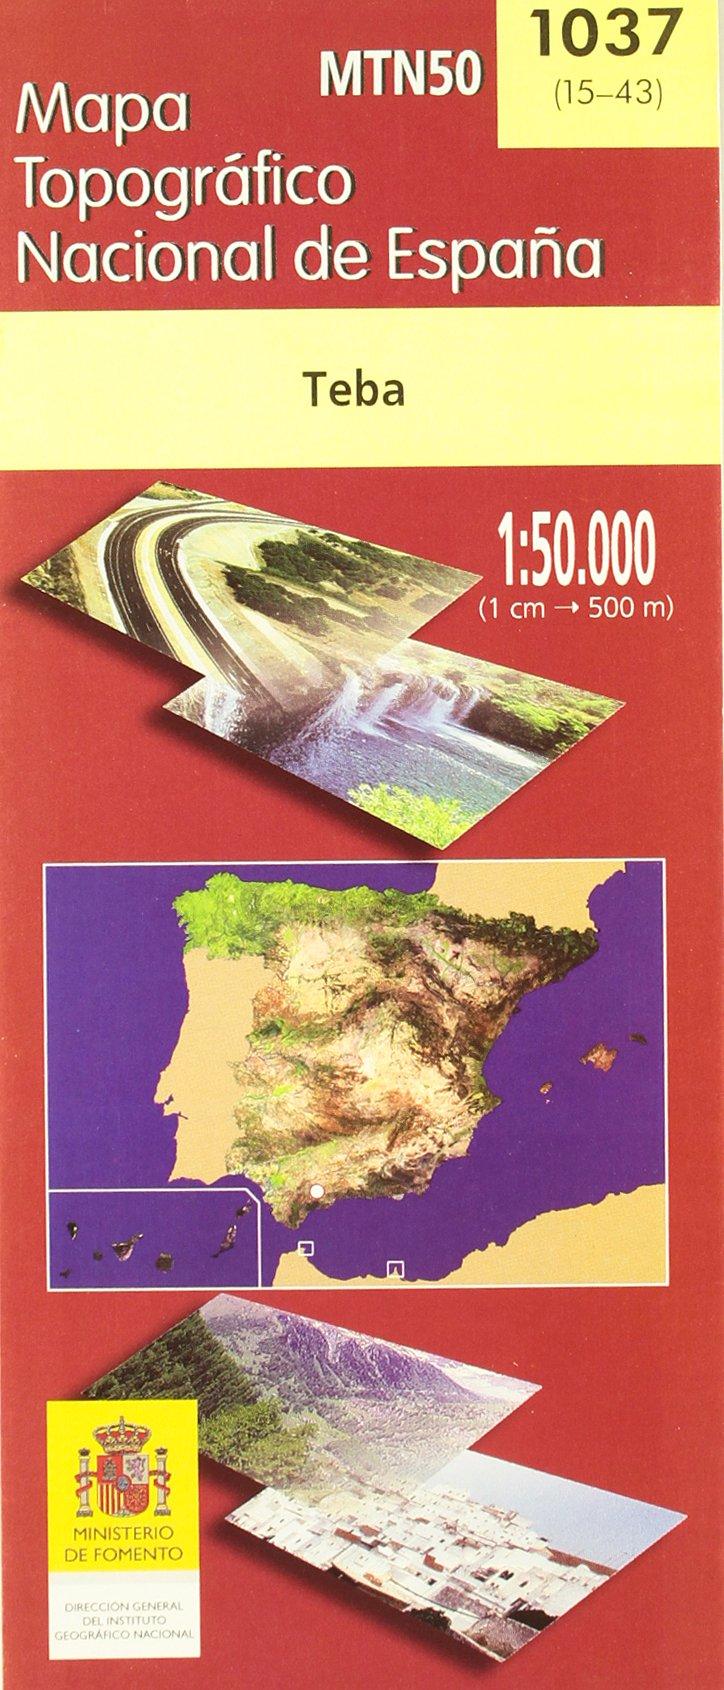 MTN50 - Mapa Topográfico Nacional de España: Amazon.es: Aa.Vv.: Libros